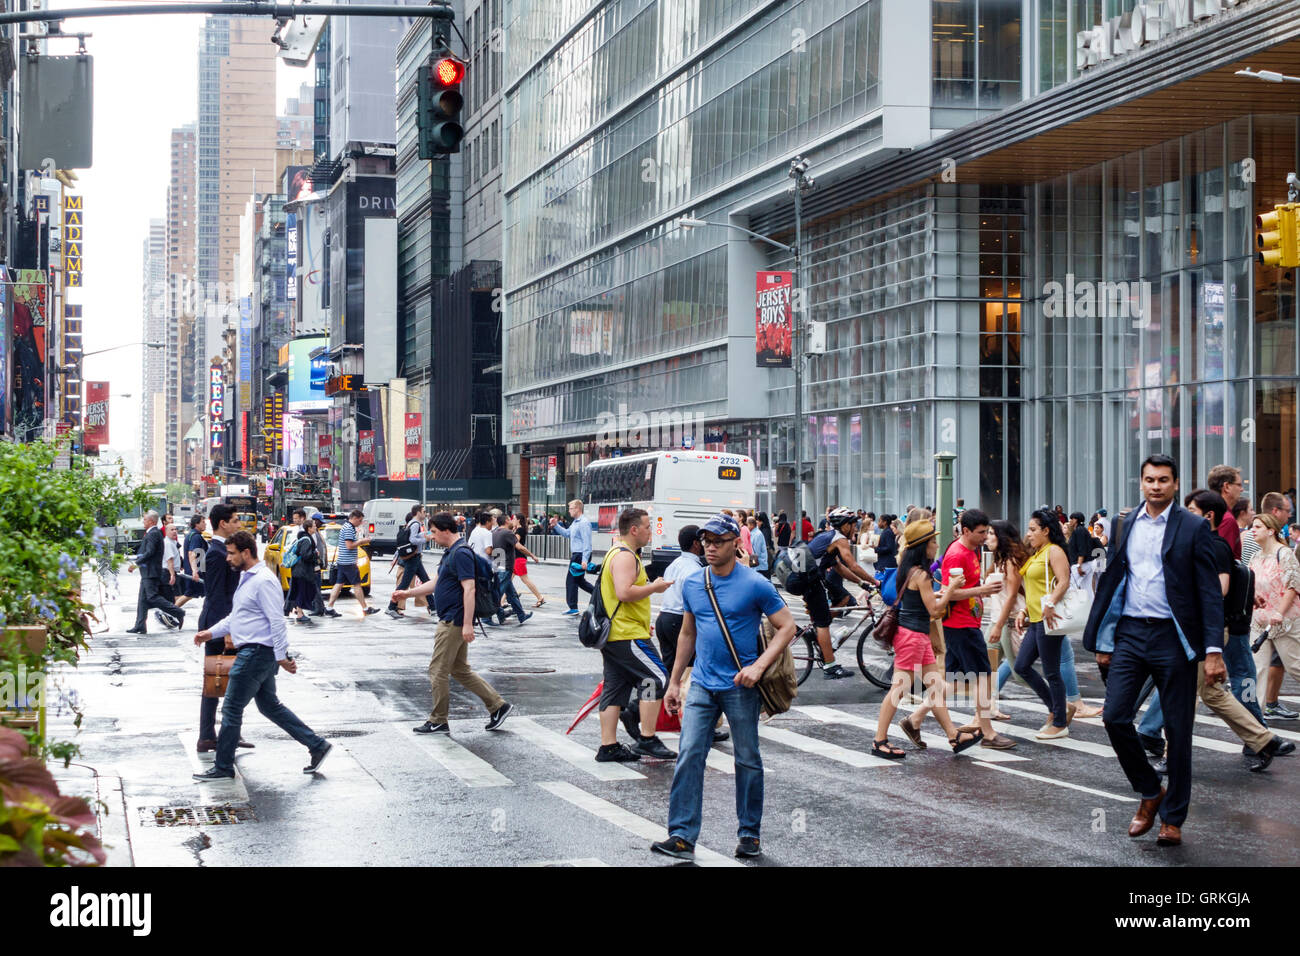 Manhattan New York City NYC New York Midtown 42 Street Fußgängerüberweg Kreuzung Rotlicht asiatischen Stockbild